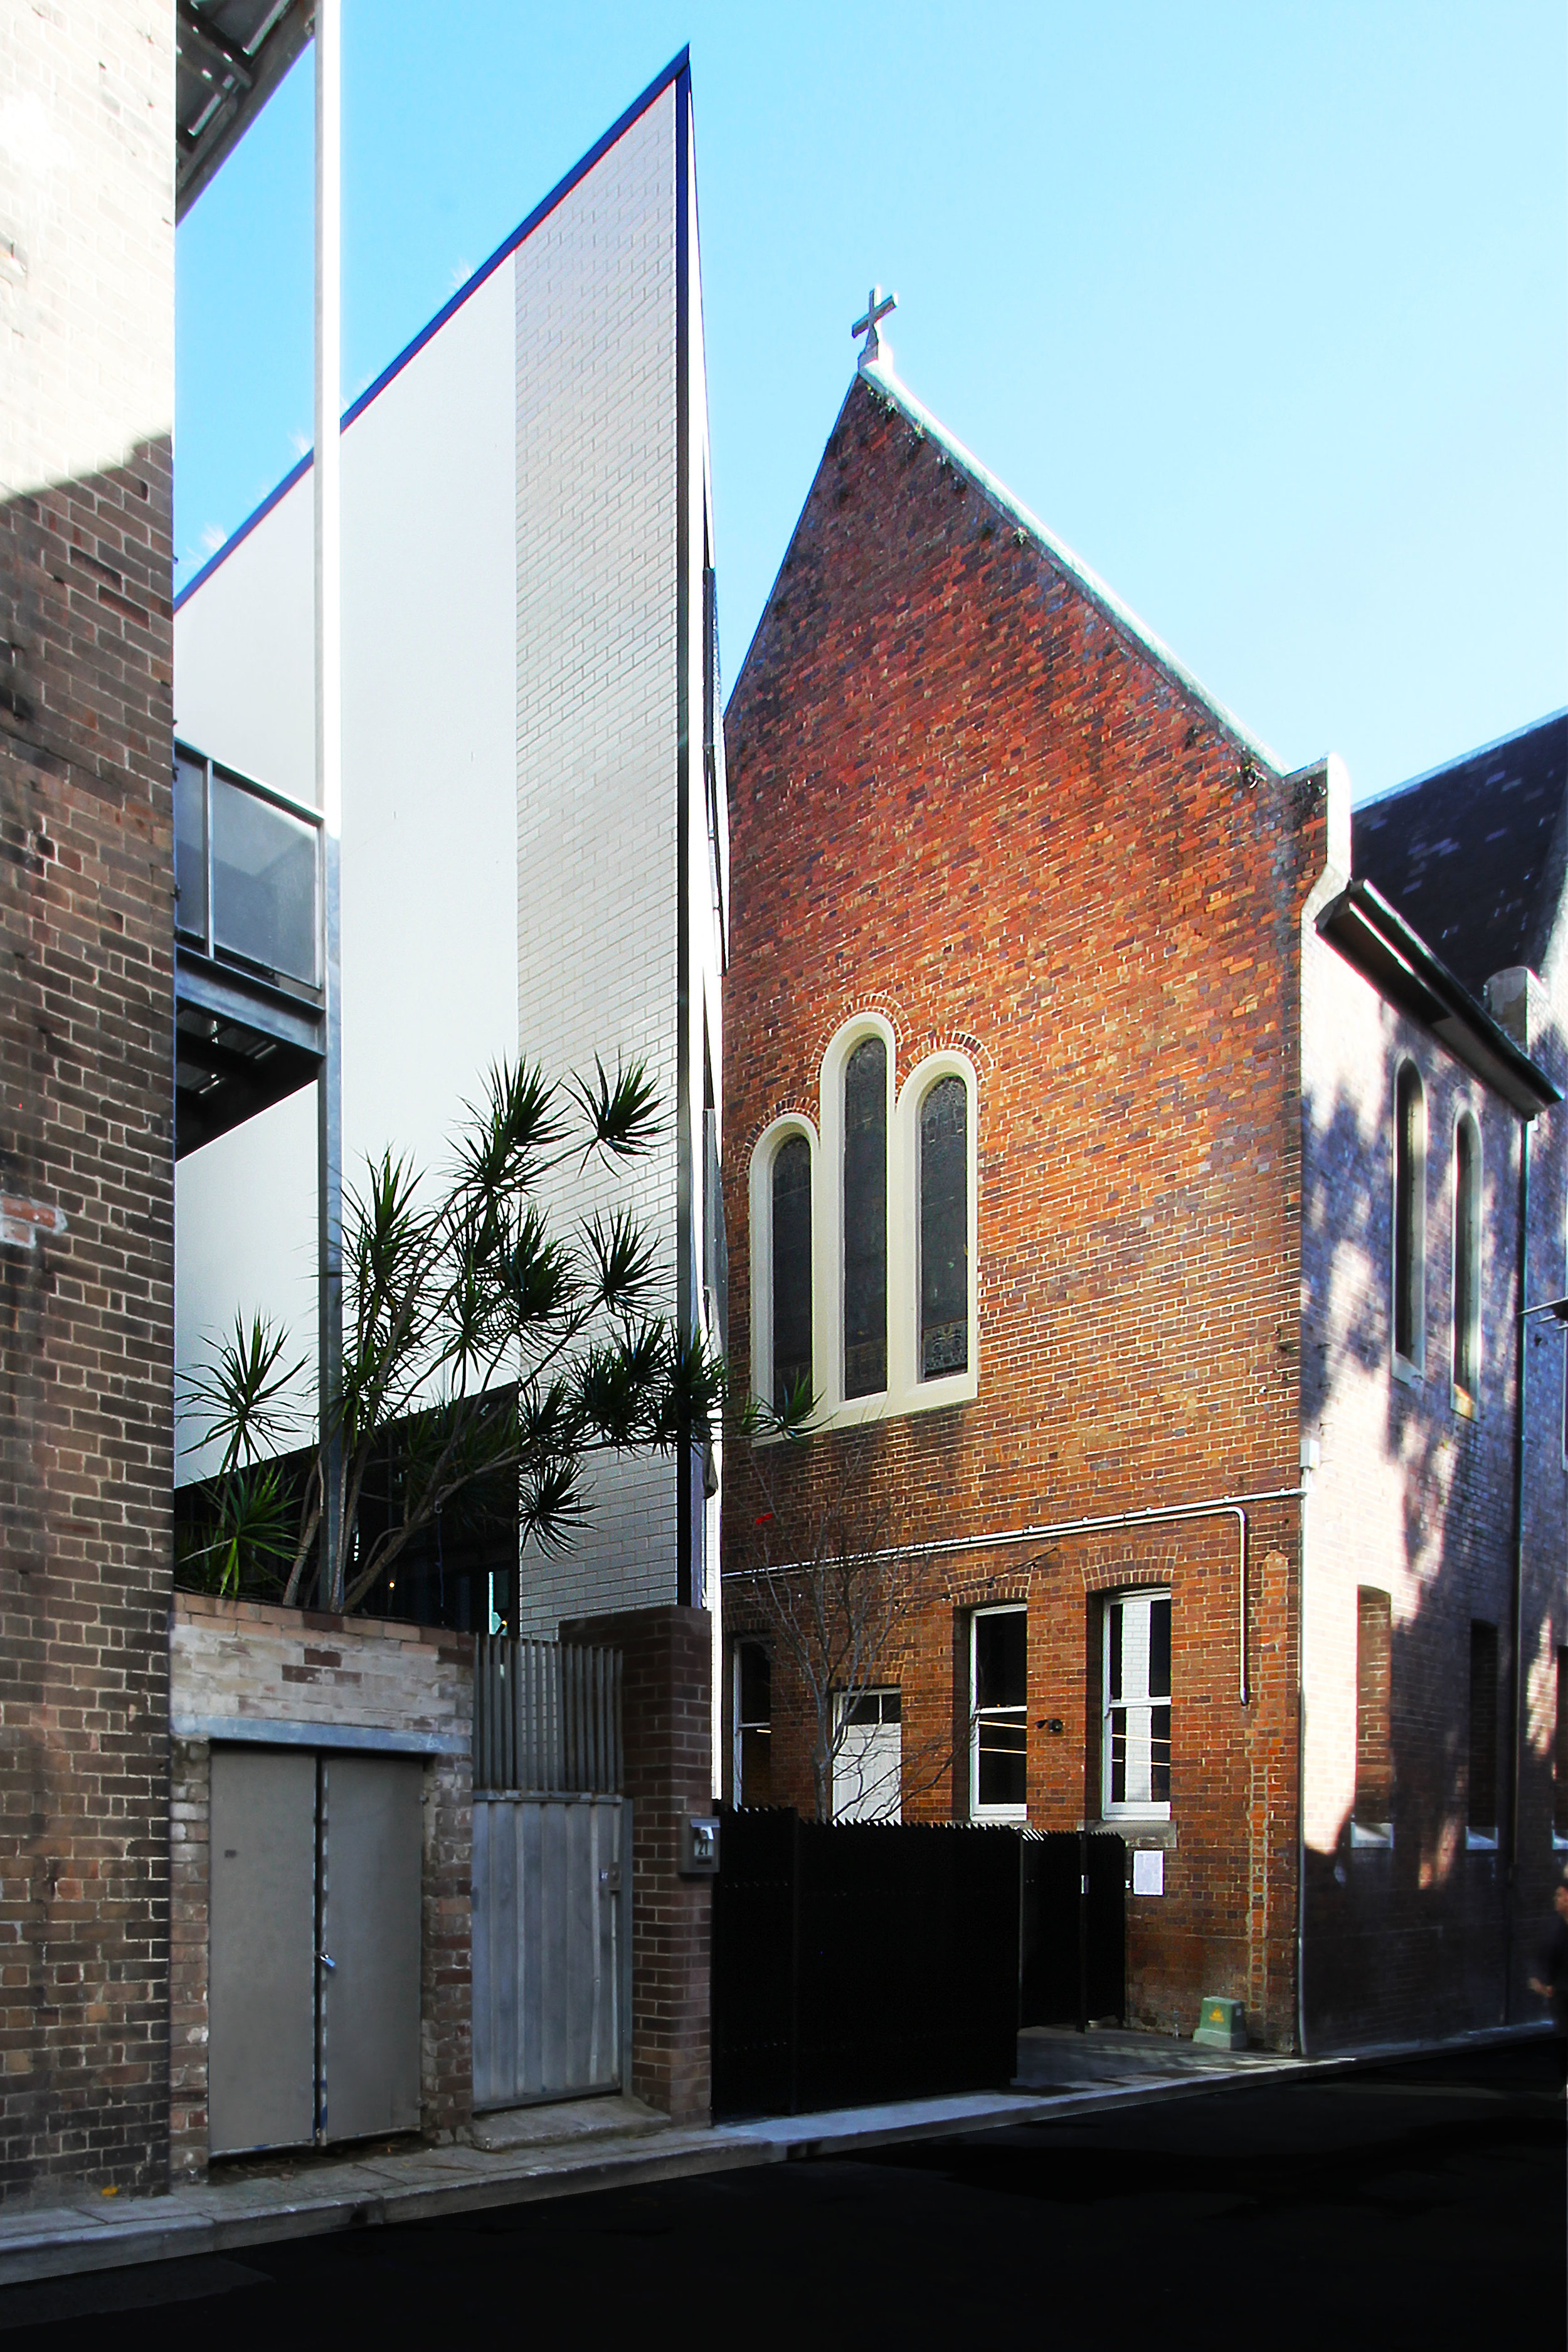 TYA Photography | Little Albion Guest House | Little Albion Street | Winter | NE | Arvo 01B | A7536.jpg